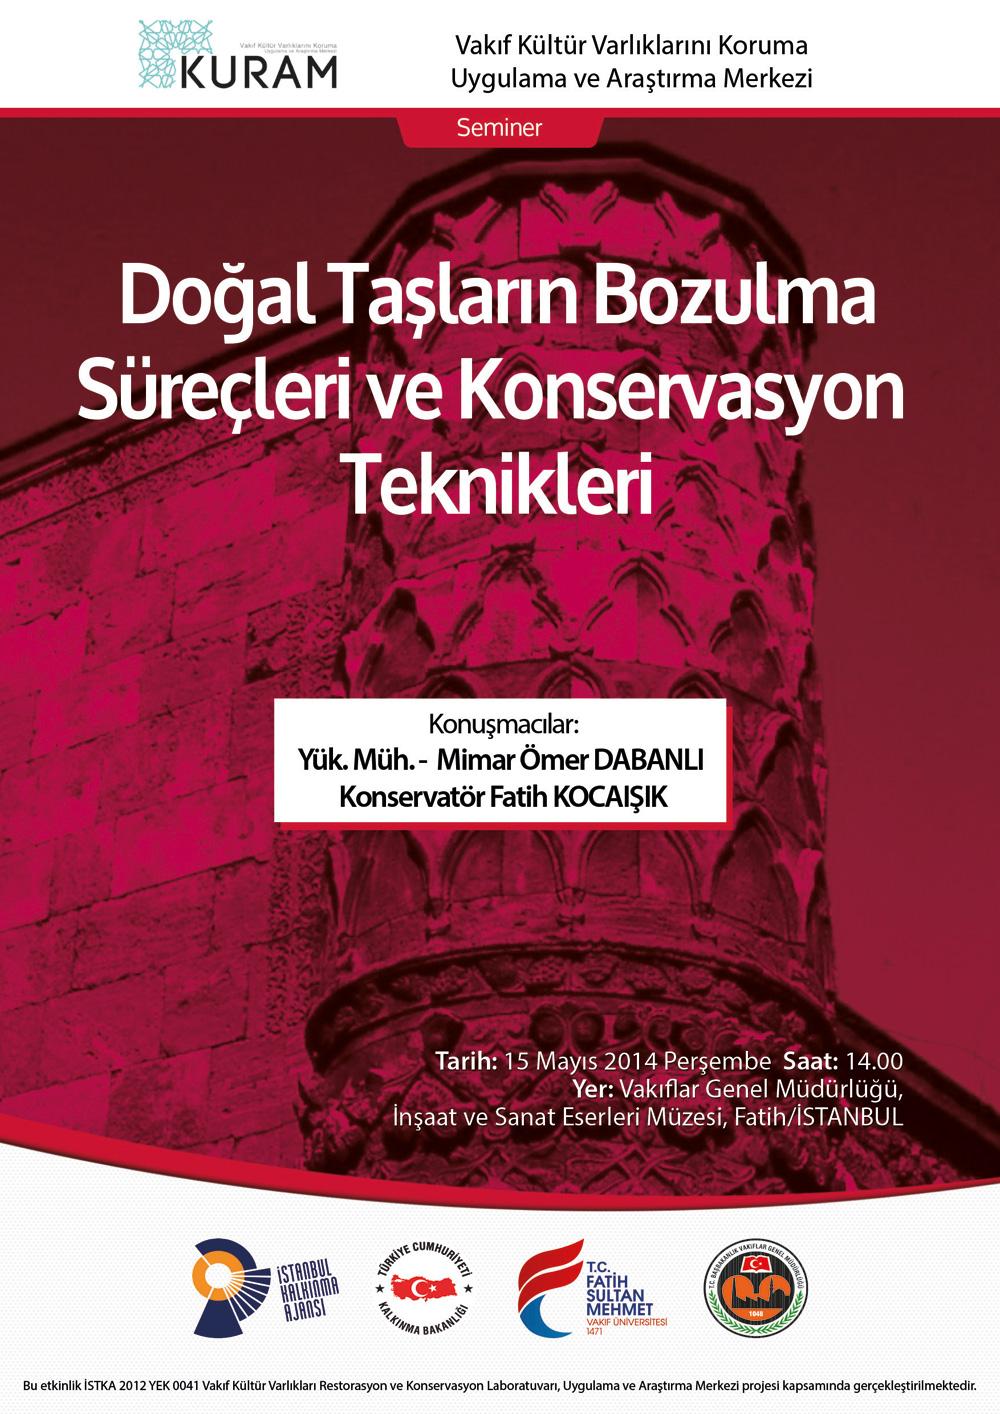 http://gsmyo.fatihsultan.edu.tr/resimler/upload/Dogal-Taslarin-Bozulma-Surecleri-ve-Konservasyon-Teknikleri-Semineri-1150514.jpg